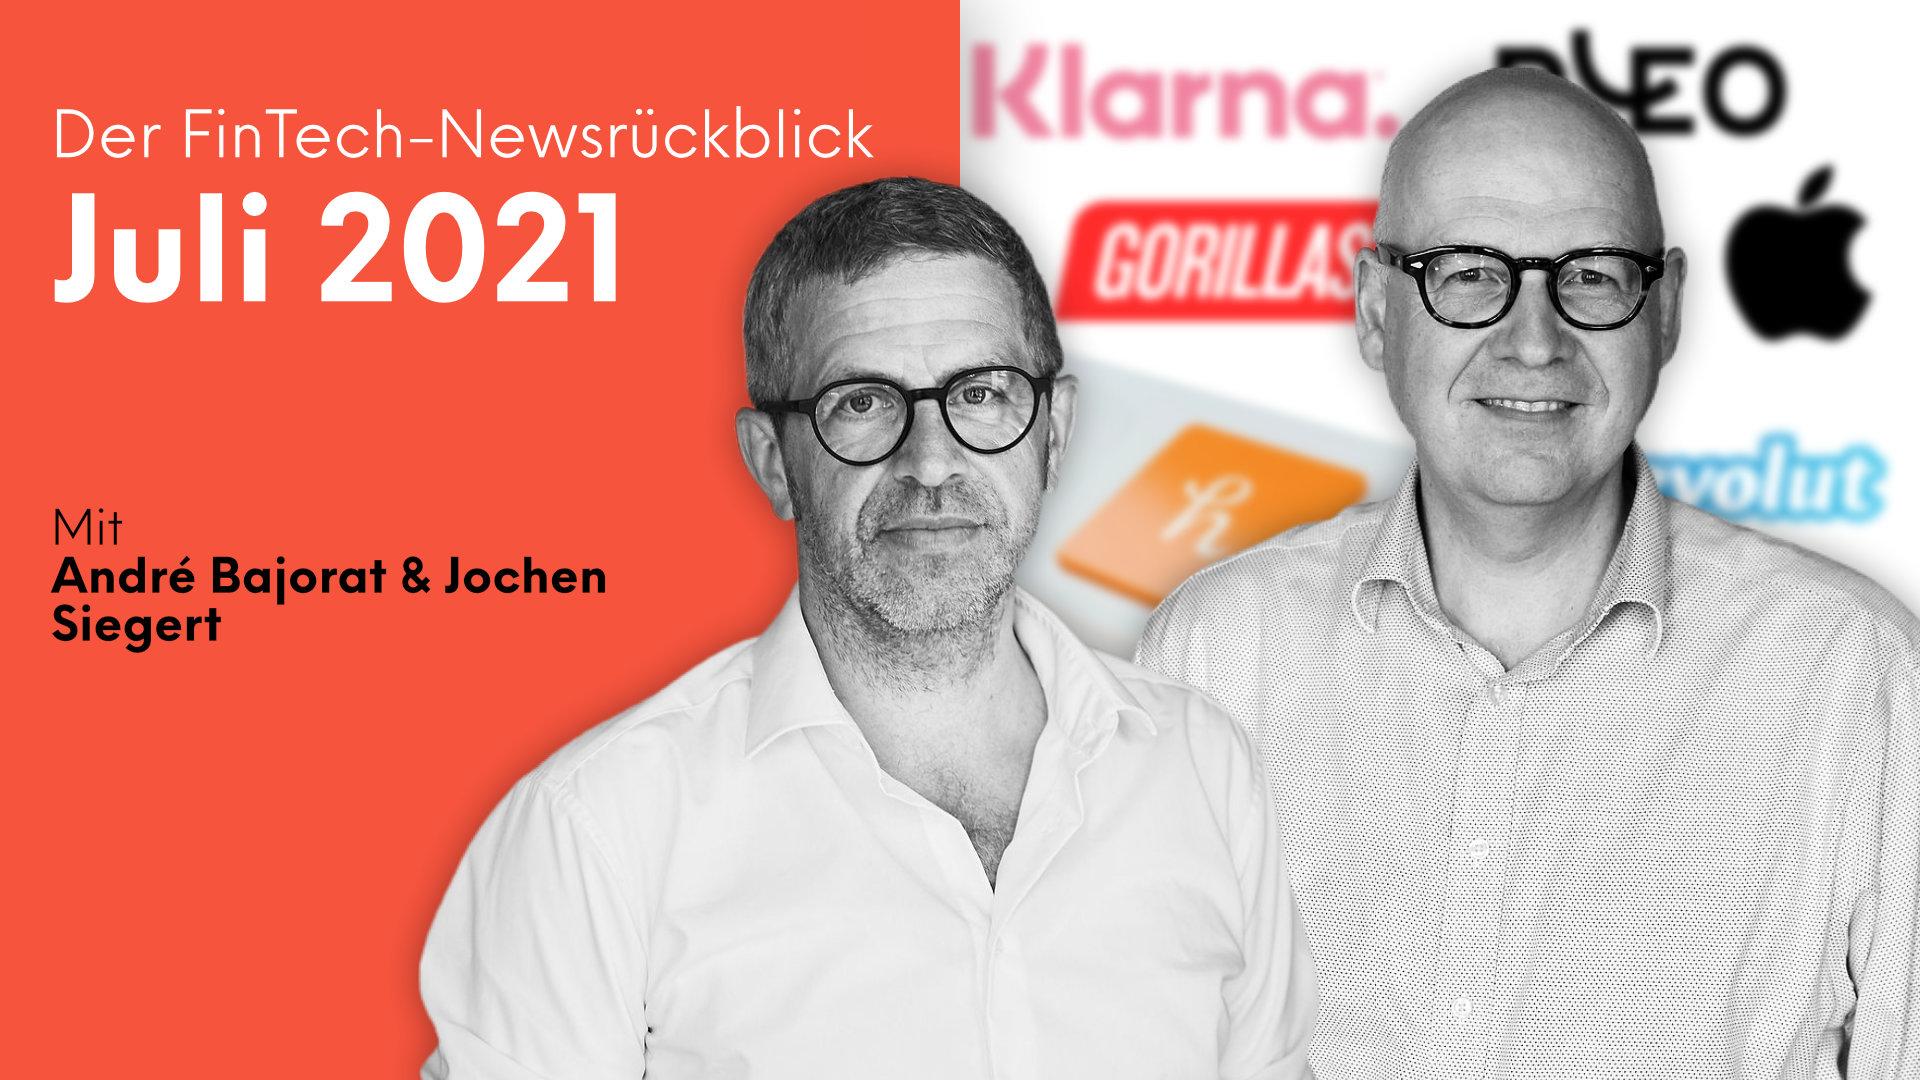 Der FinTech Newsrückblick Juli 2021 mit André Bajorat und Jochen Siegert.